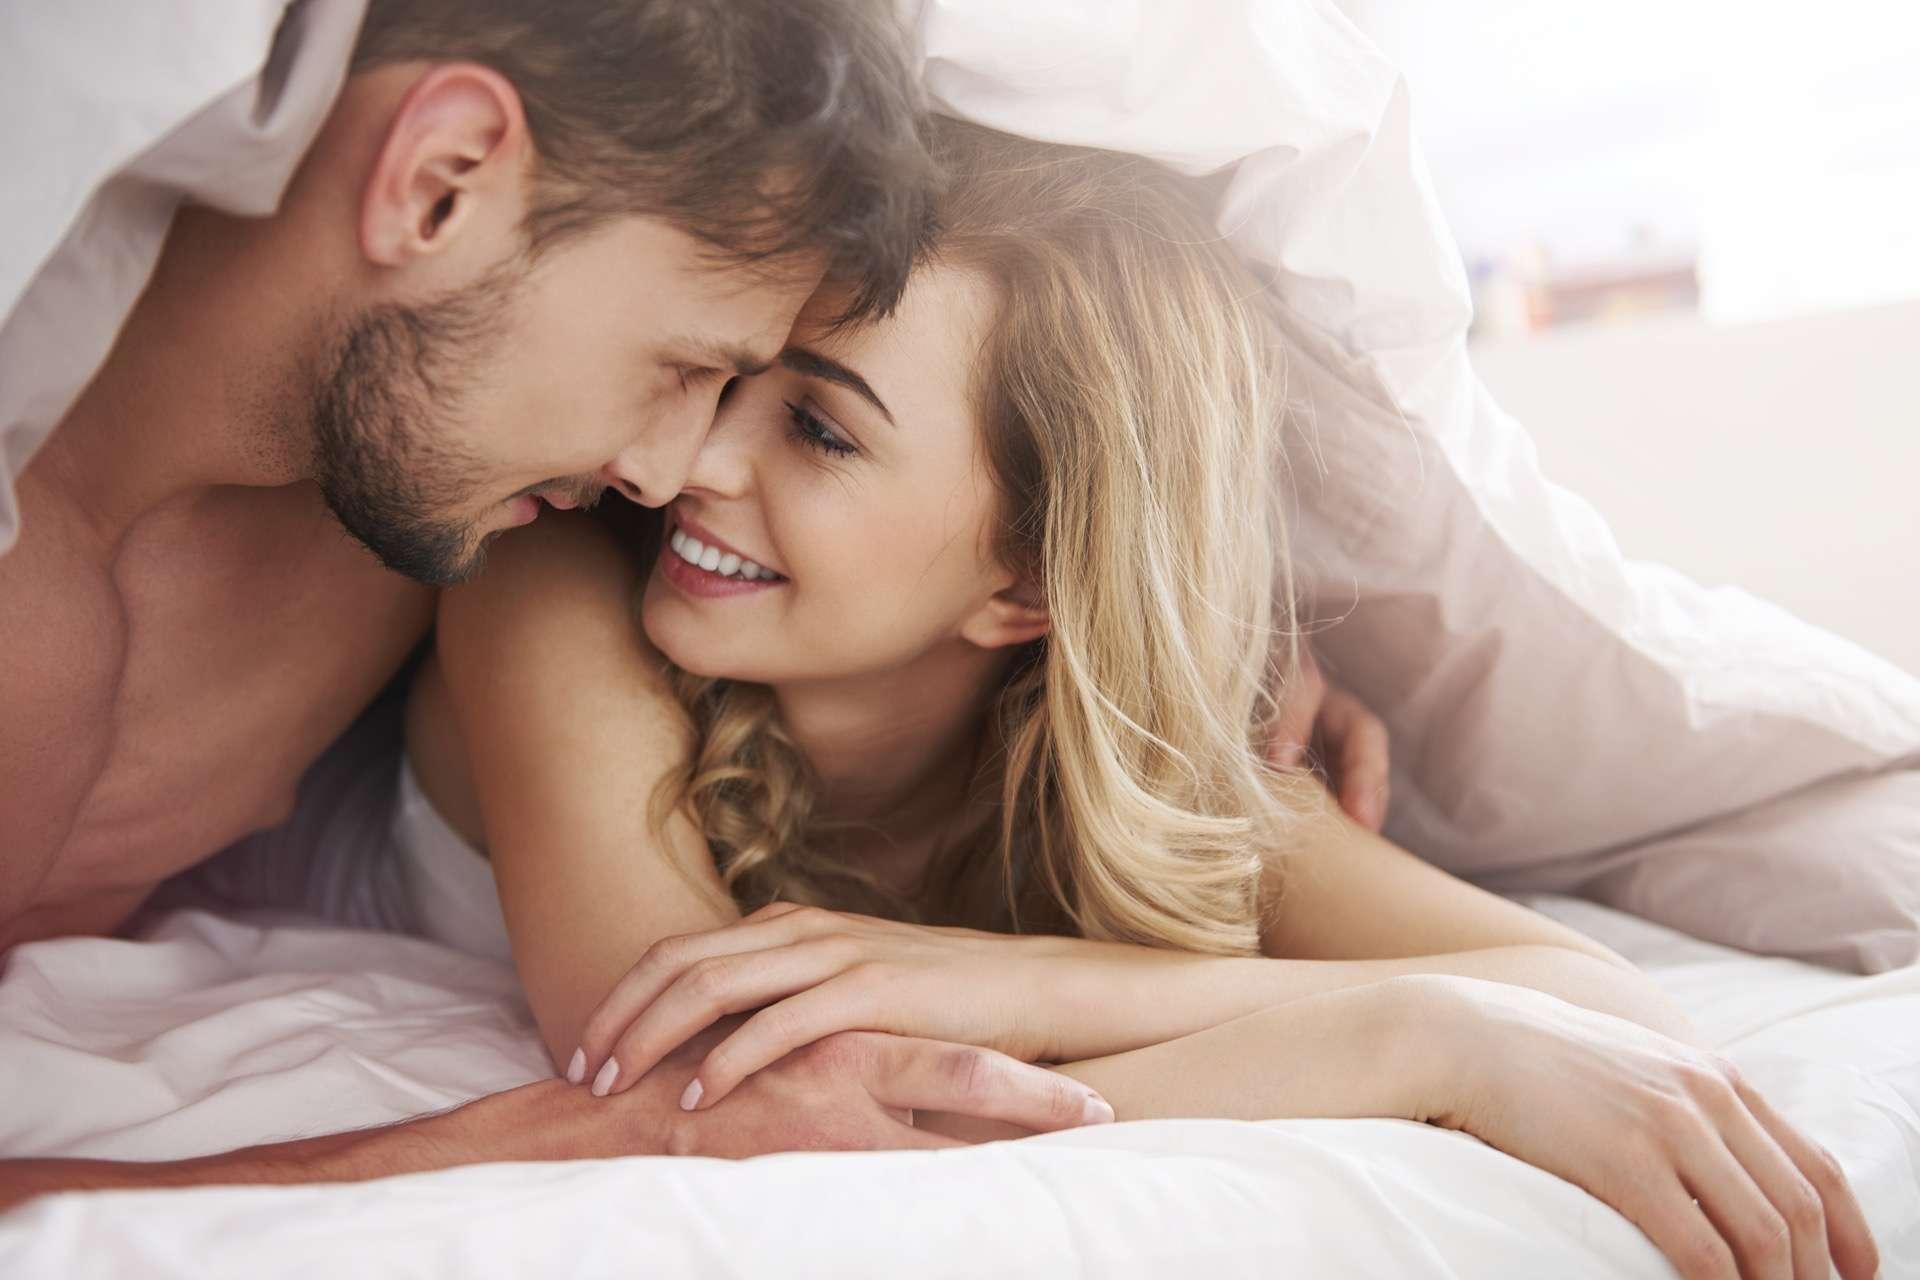 Les hommes sont plus disposés que les femmes à s'engager dans une relation sexuelle à court terme. © gpointstudio, Adobe Stock